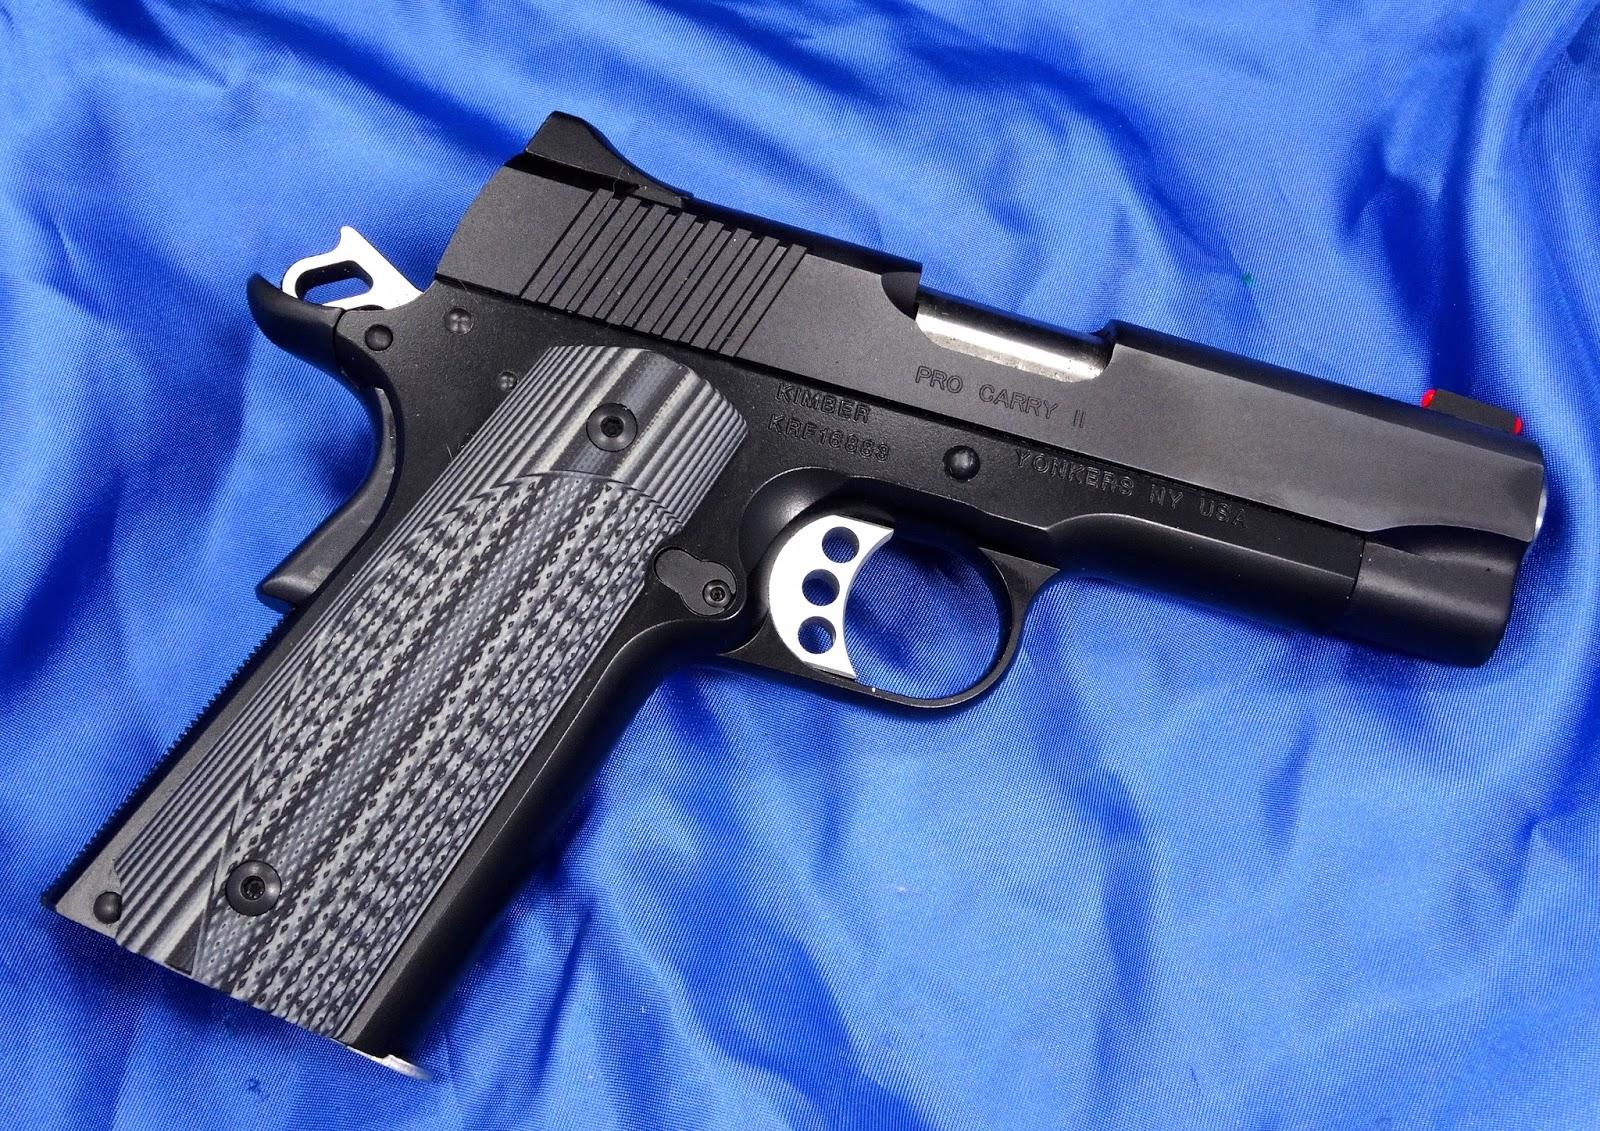 Average Joe's Handgun Reviews: VZ Grips A Serious Upgrade